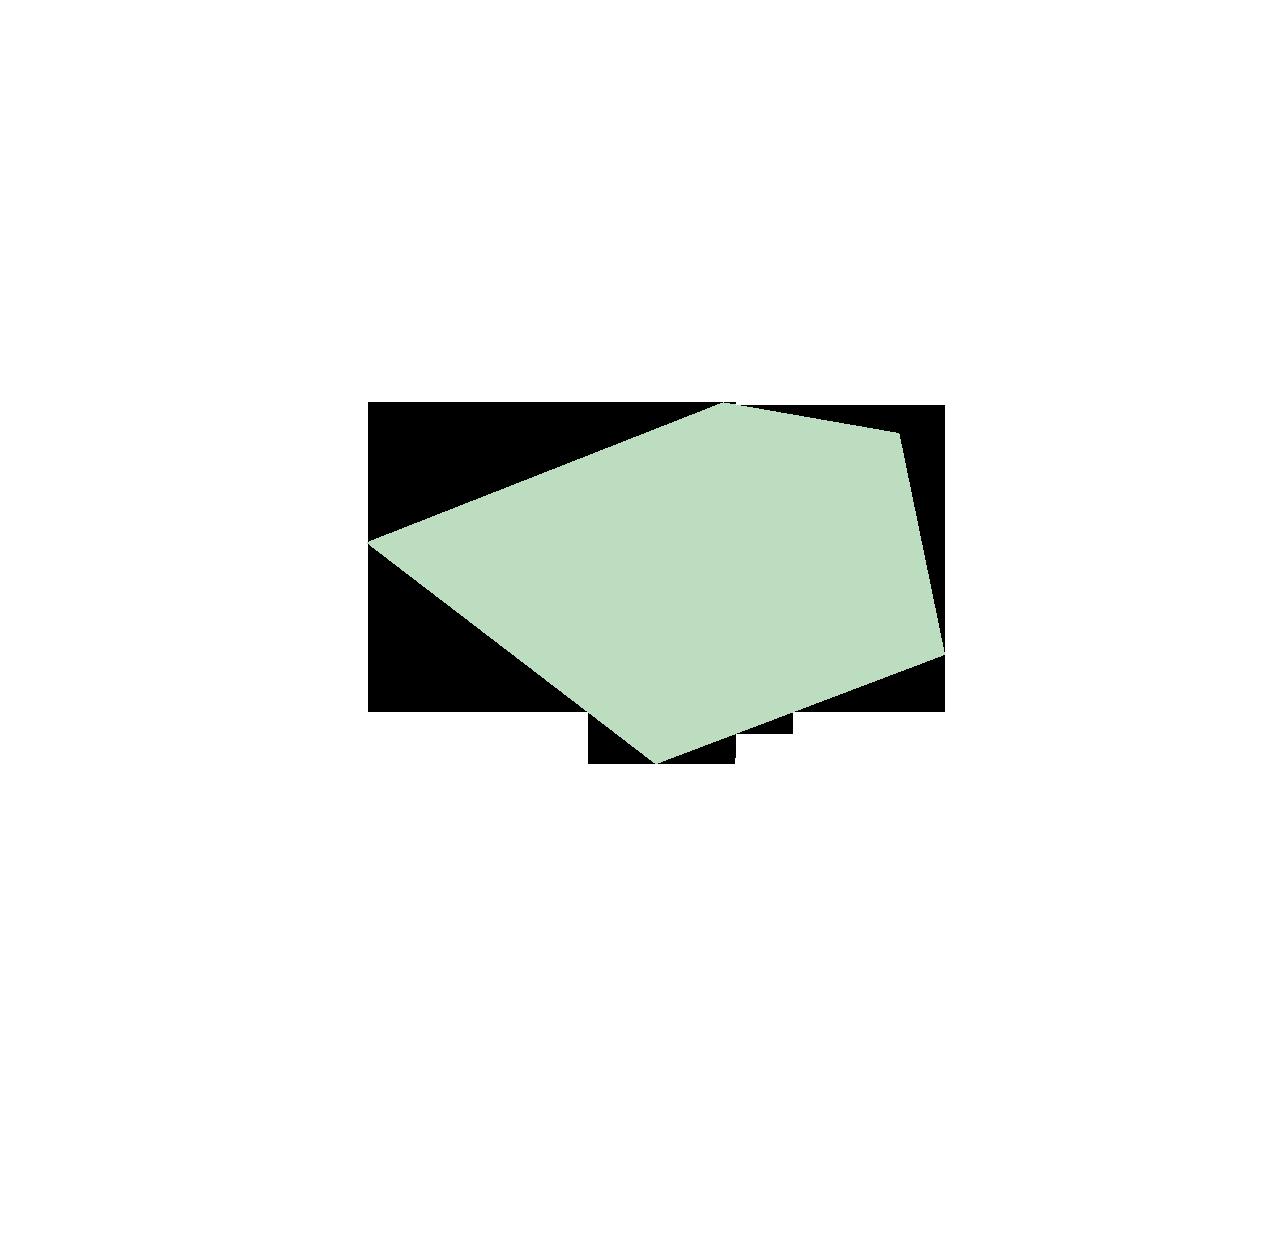 nyt-turtles-licht-6